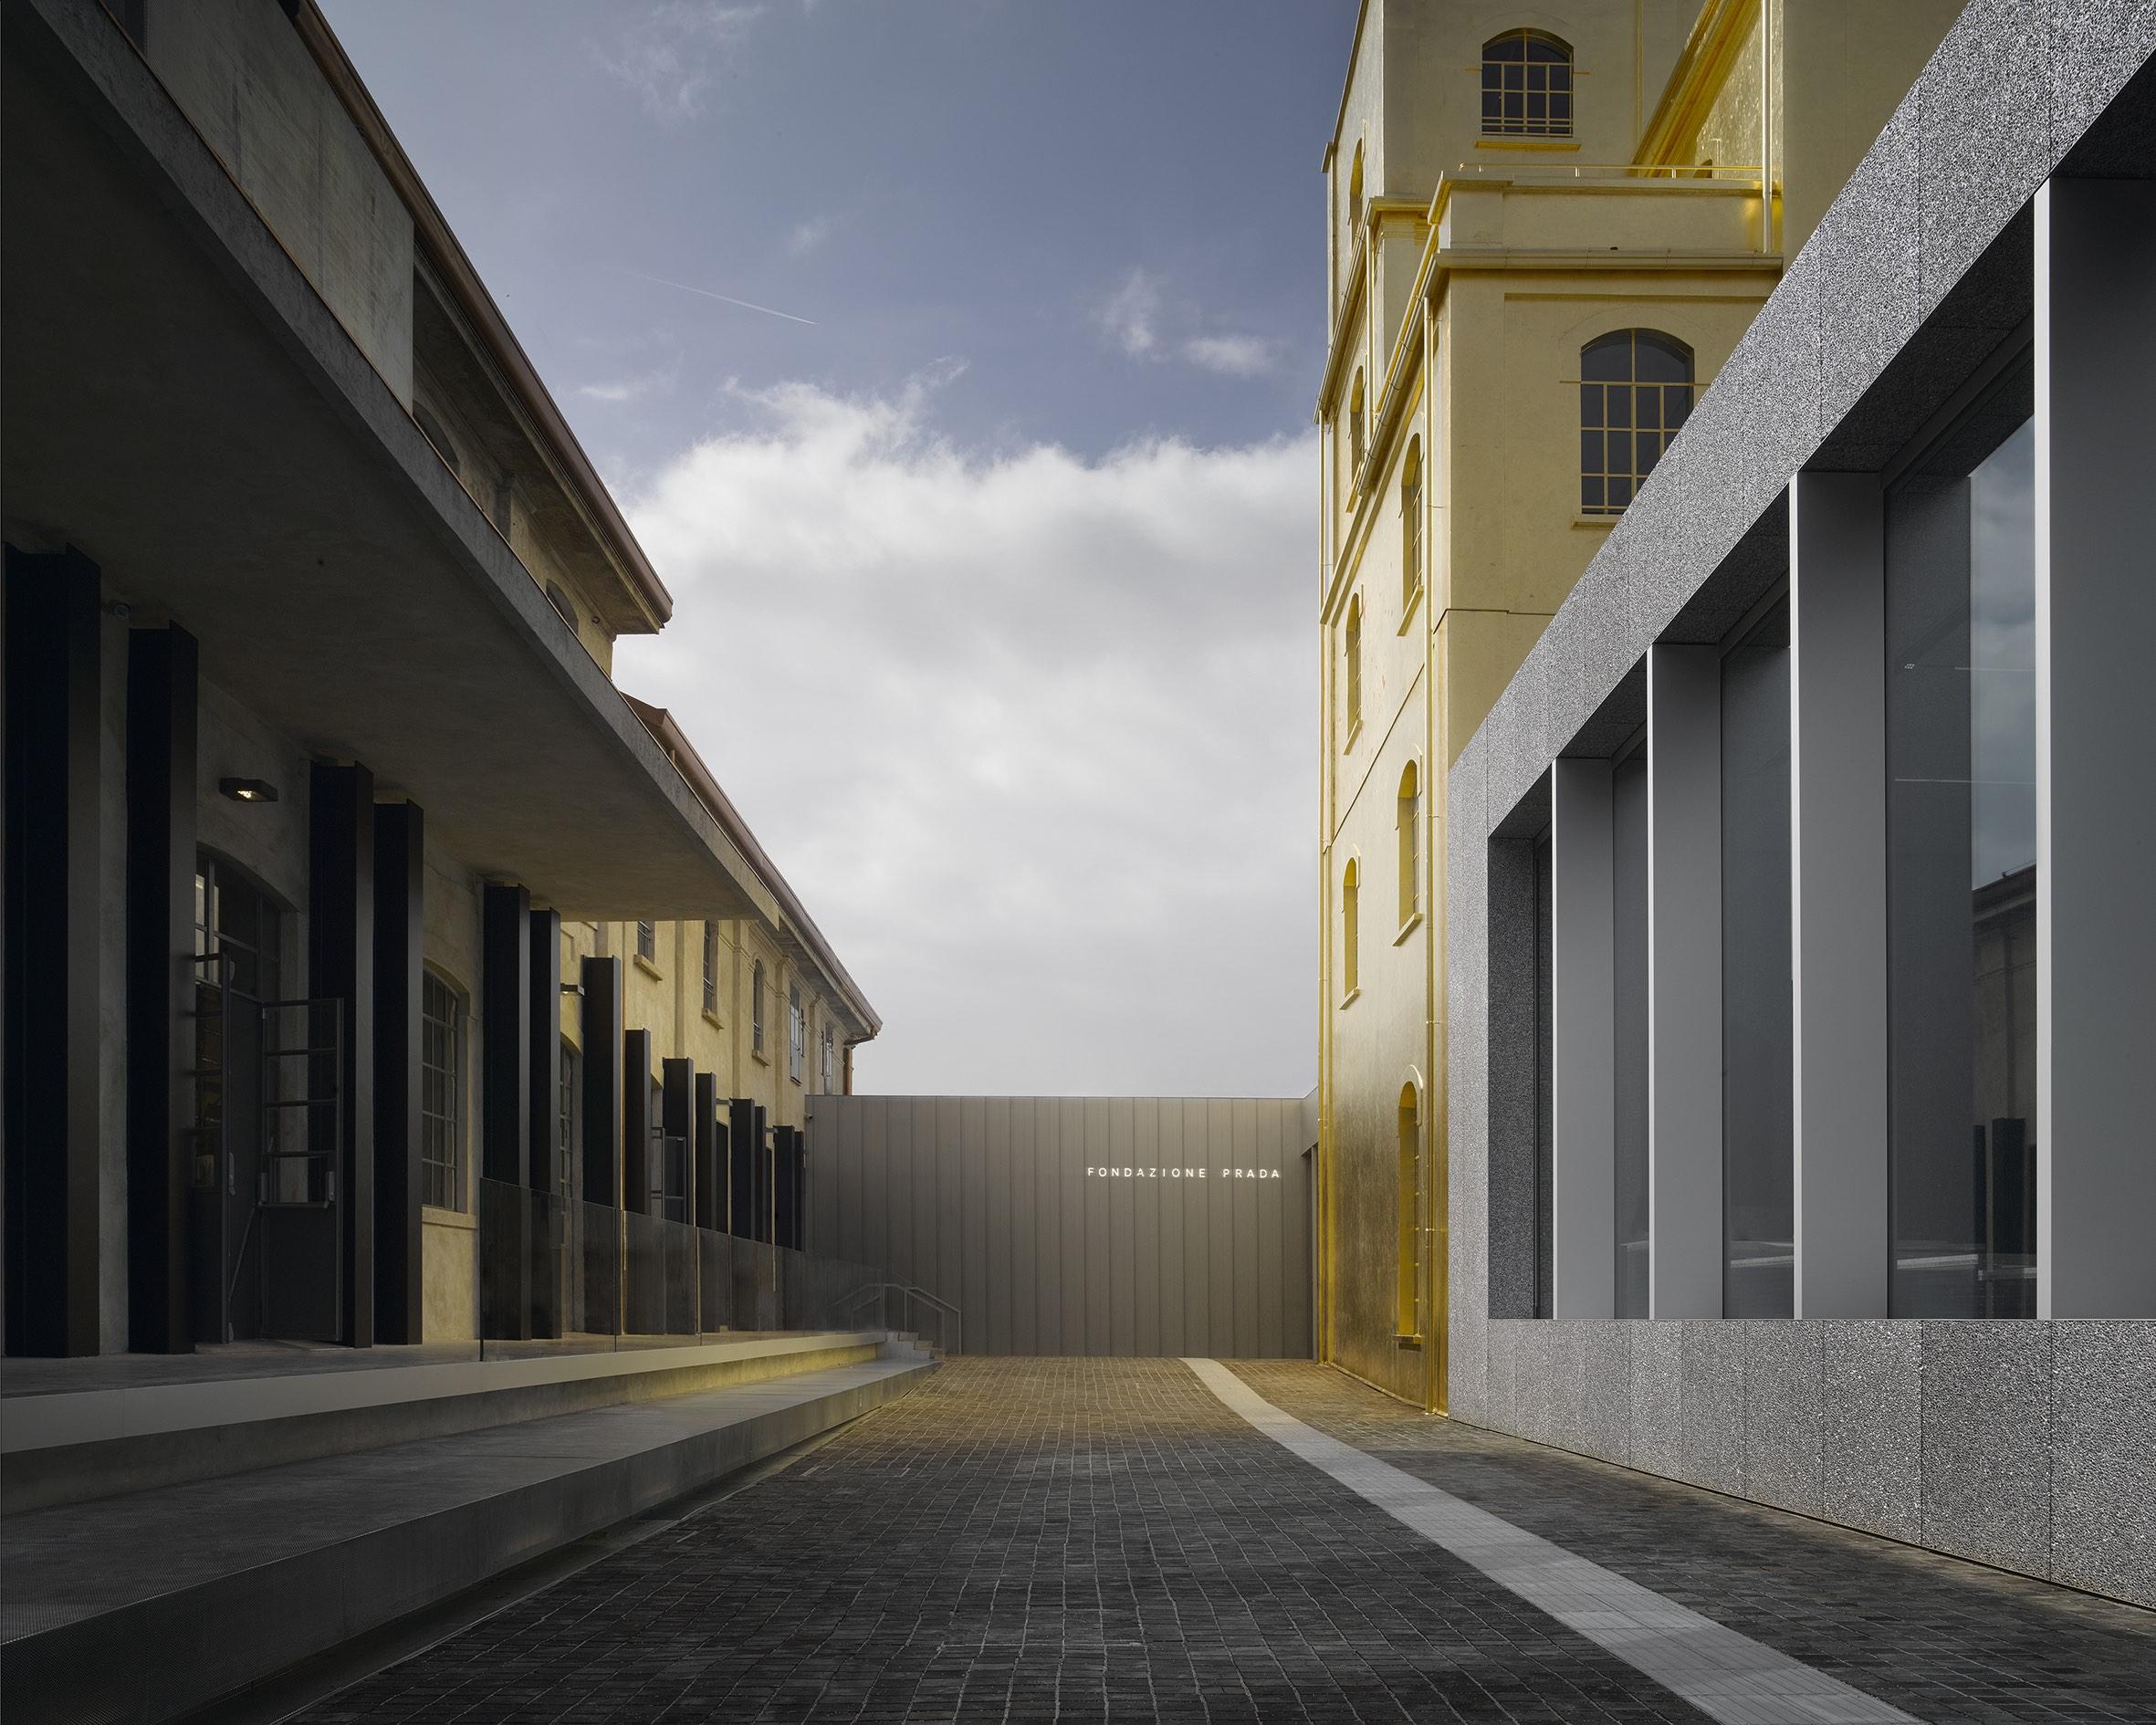 Vue de la Fondation Prada à Milan, réalisée par Rem Koolhaas.